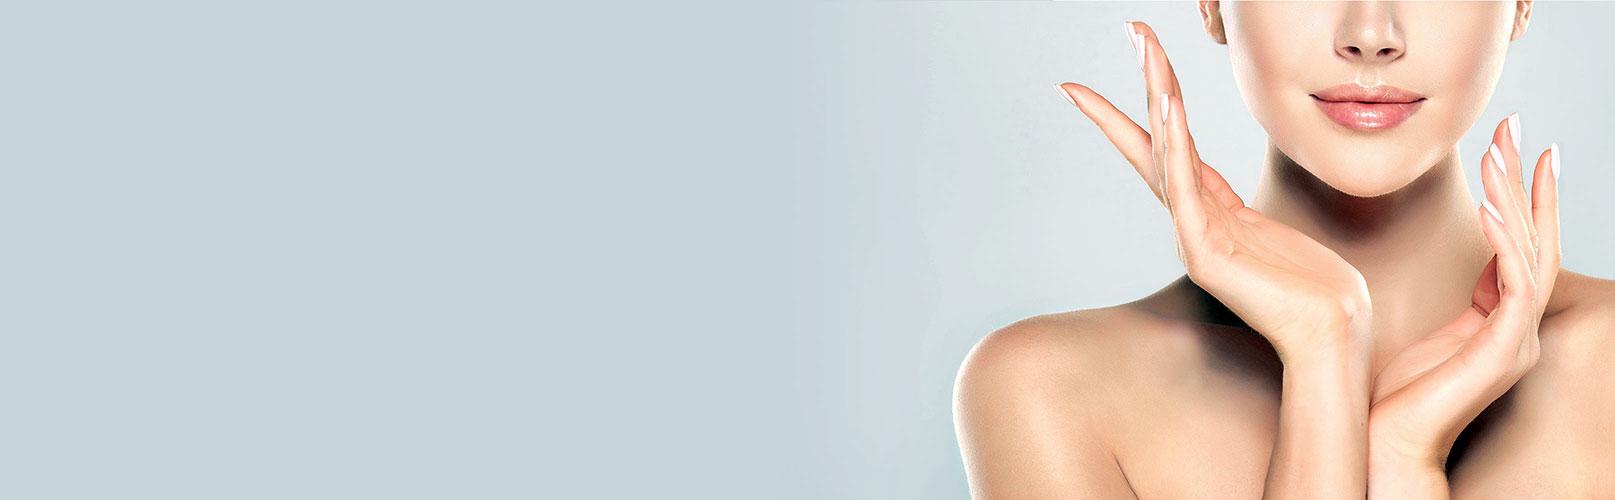 Le lifting du visage à Lyon - Chirurgie esthétique | Dr Corniglion